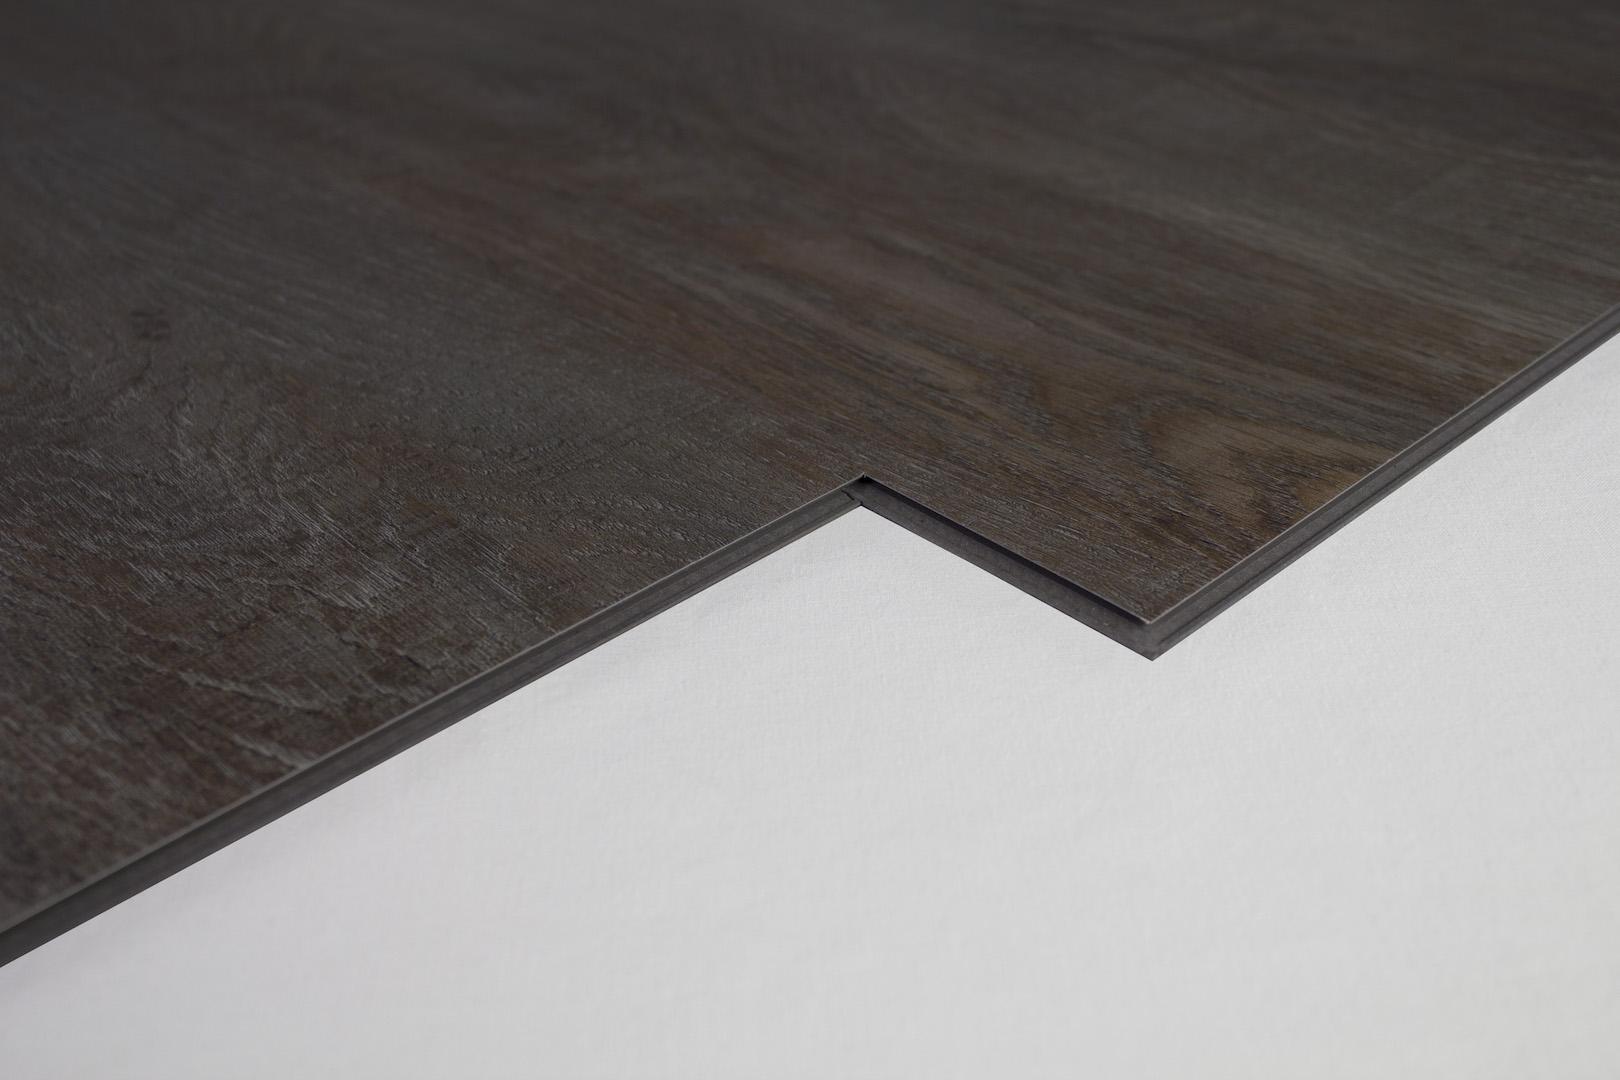 2 12 M Vinylboden In 4 2mm Klick Pvc Bodenbelag Nutzschicht 0 3mm